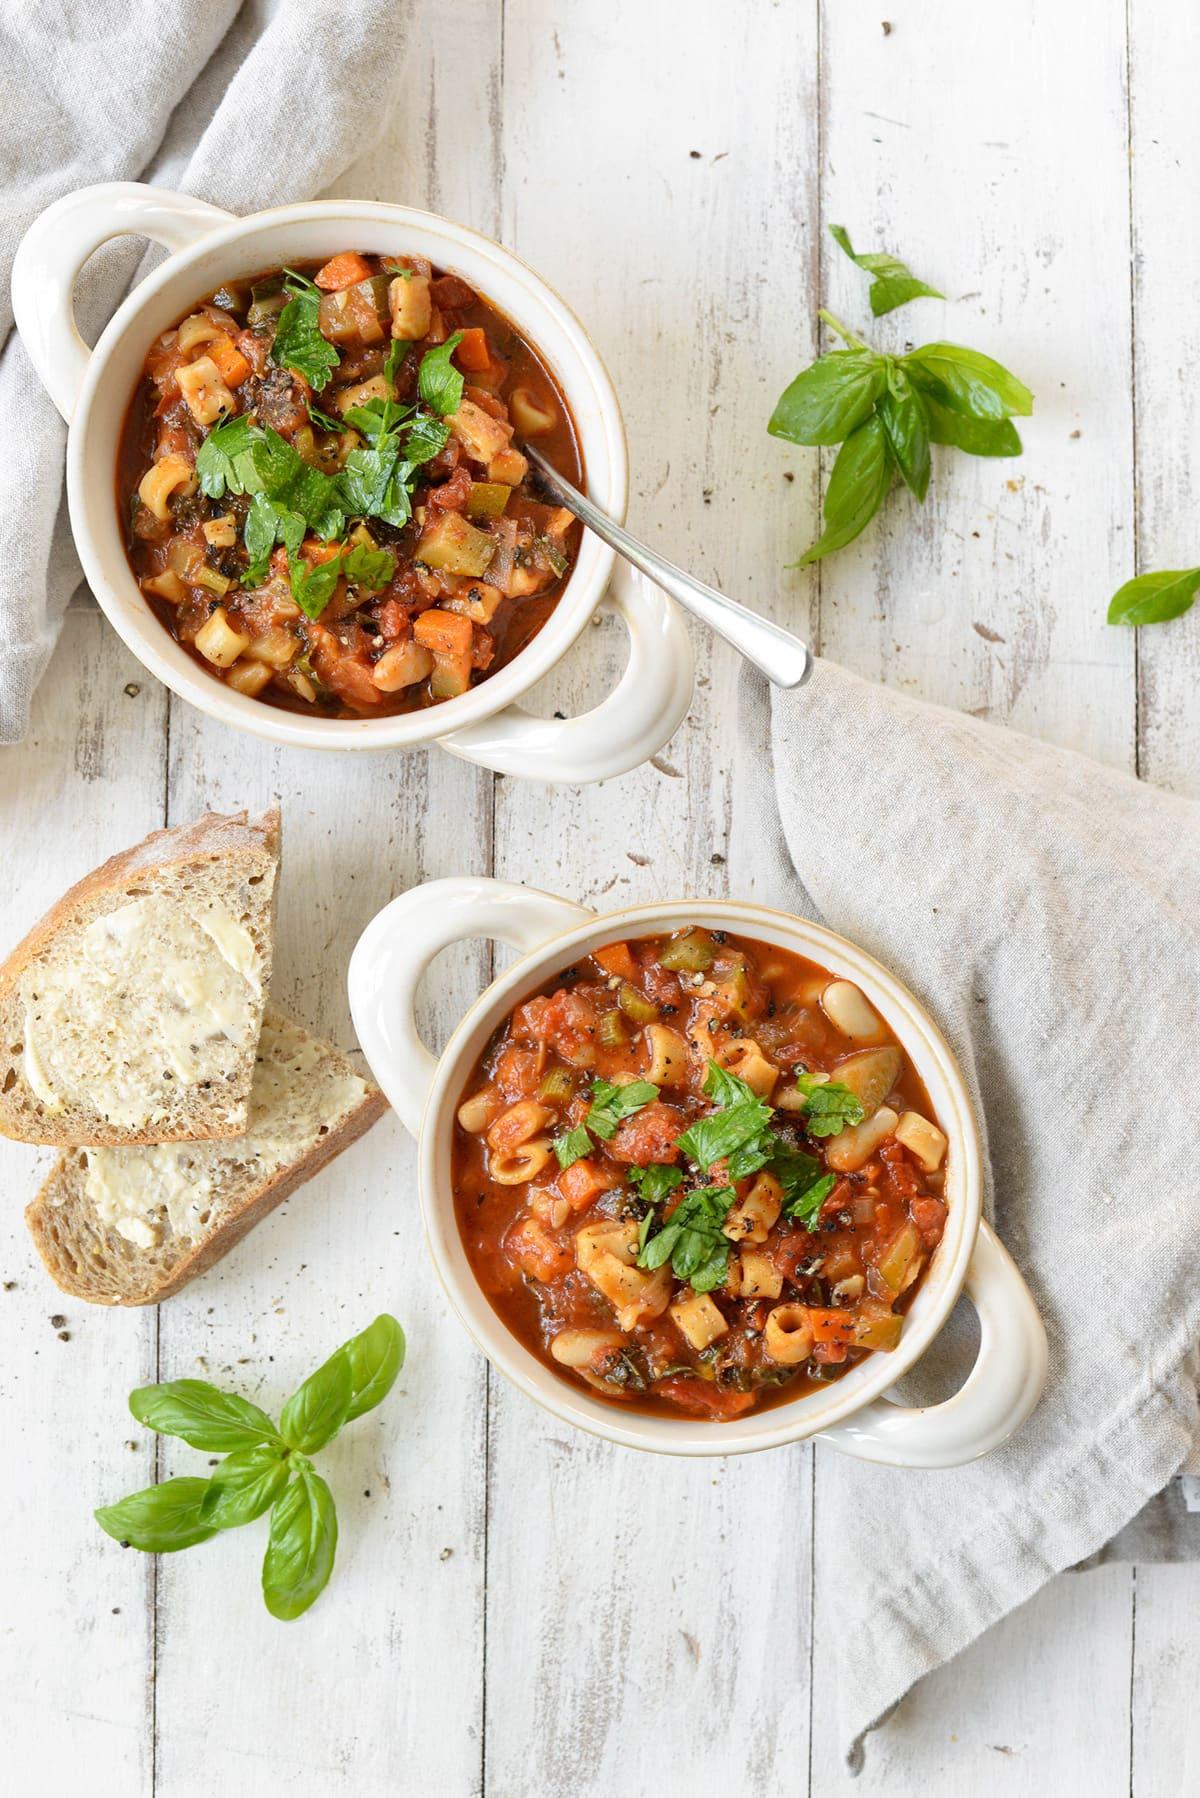 Instant Pot Vegetable Soup recipe